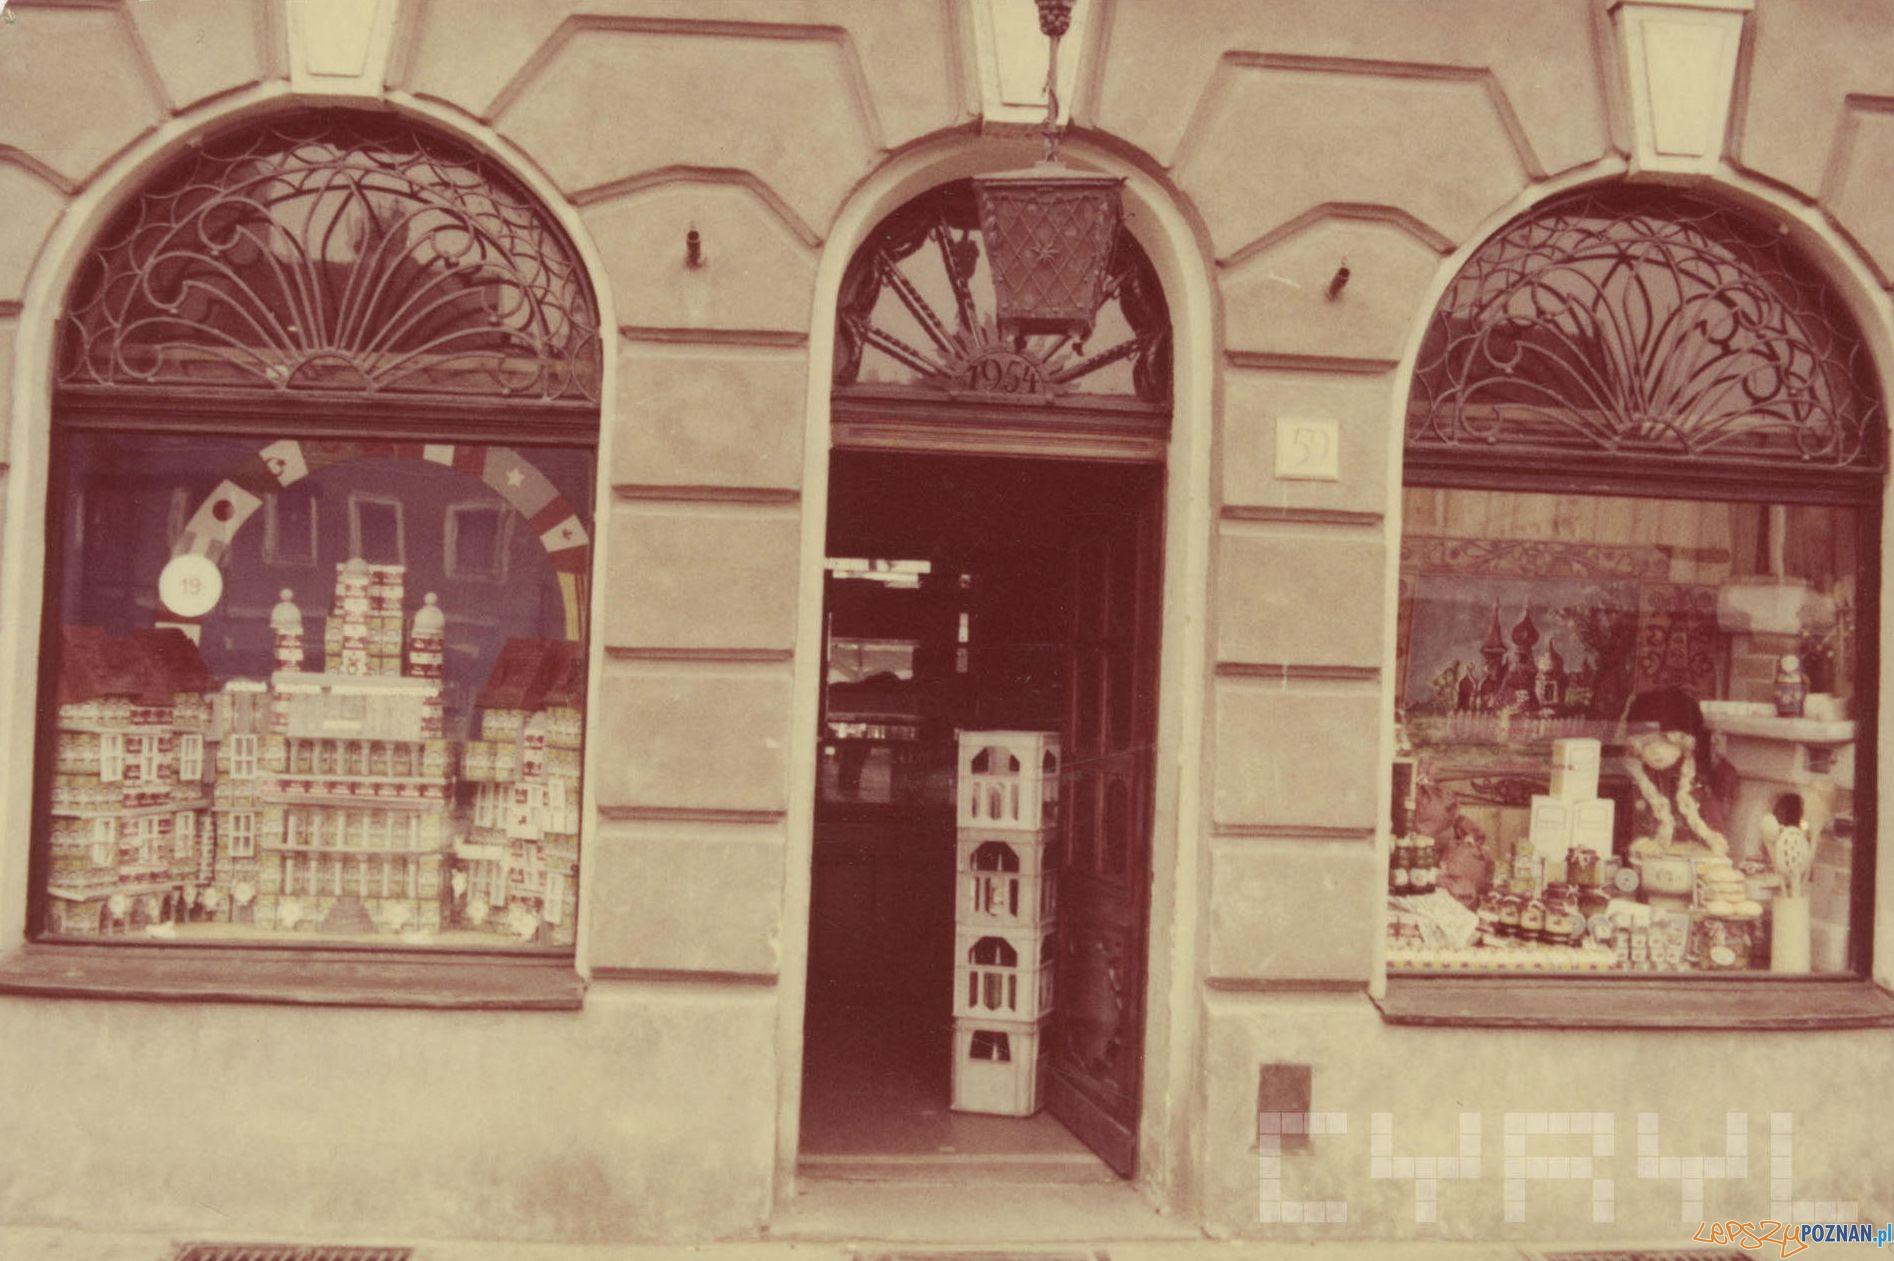 Stary Rynek - Sklep spożywczy PSS Spolem 1989 r.  Foto: PSS Społem / Cyryl